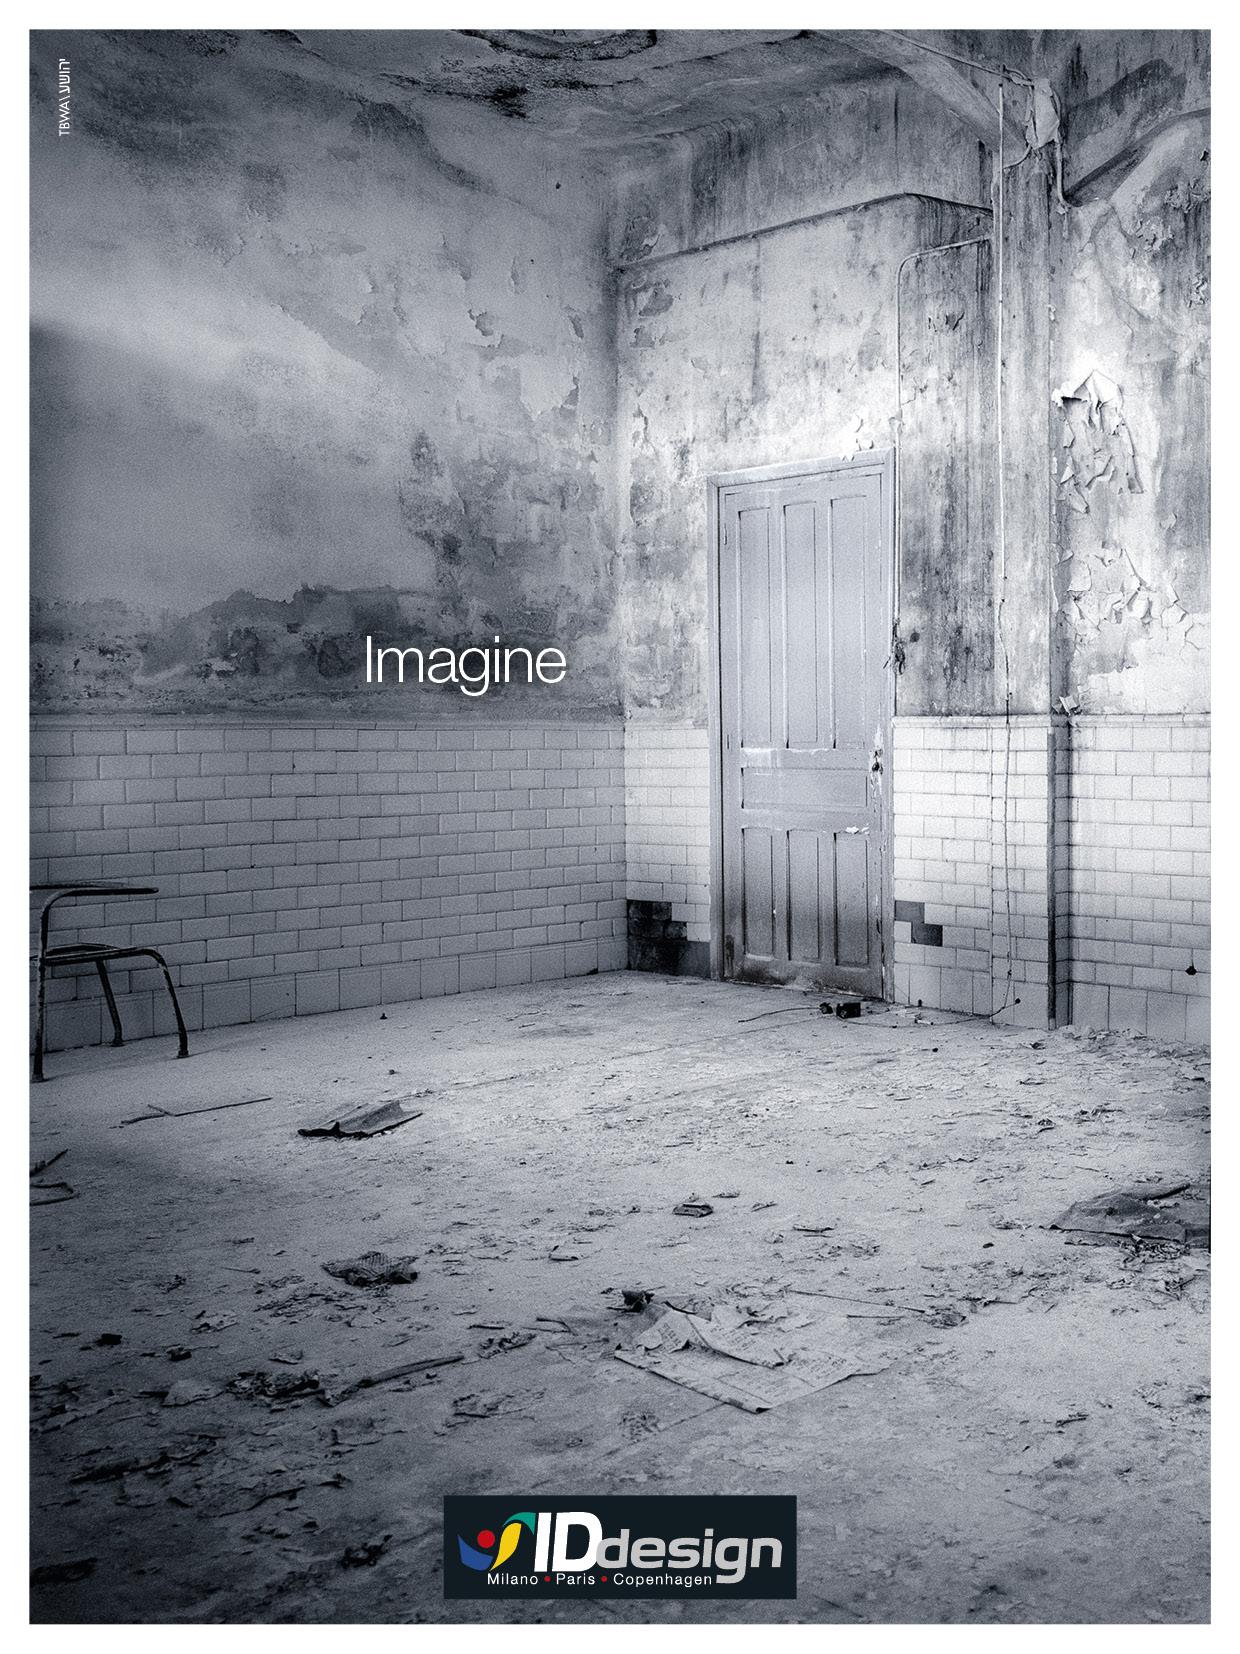 מדד המותגים 2014: תפעילו את הדמיון IDdesign